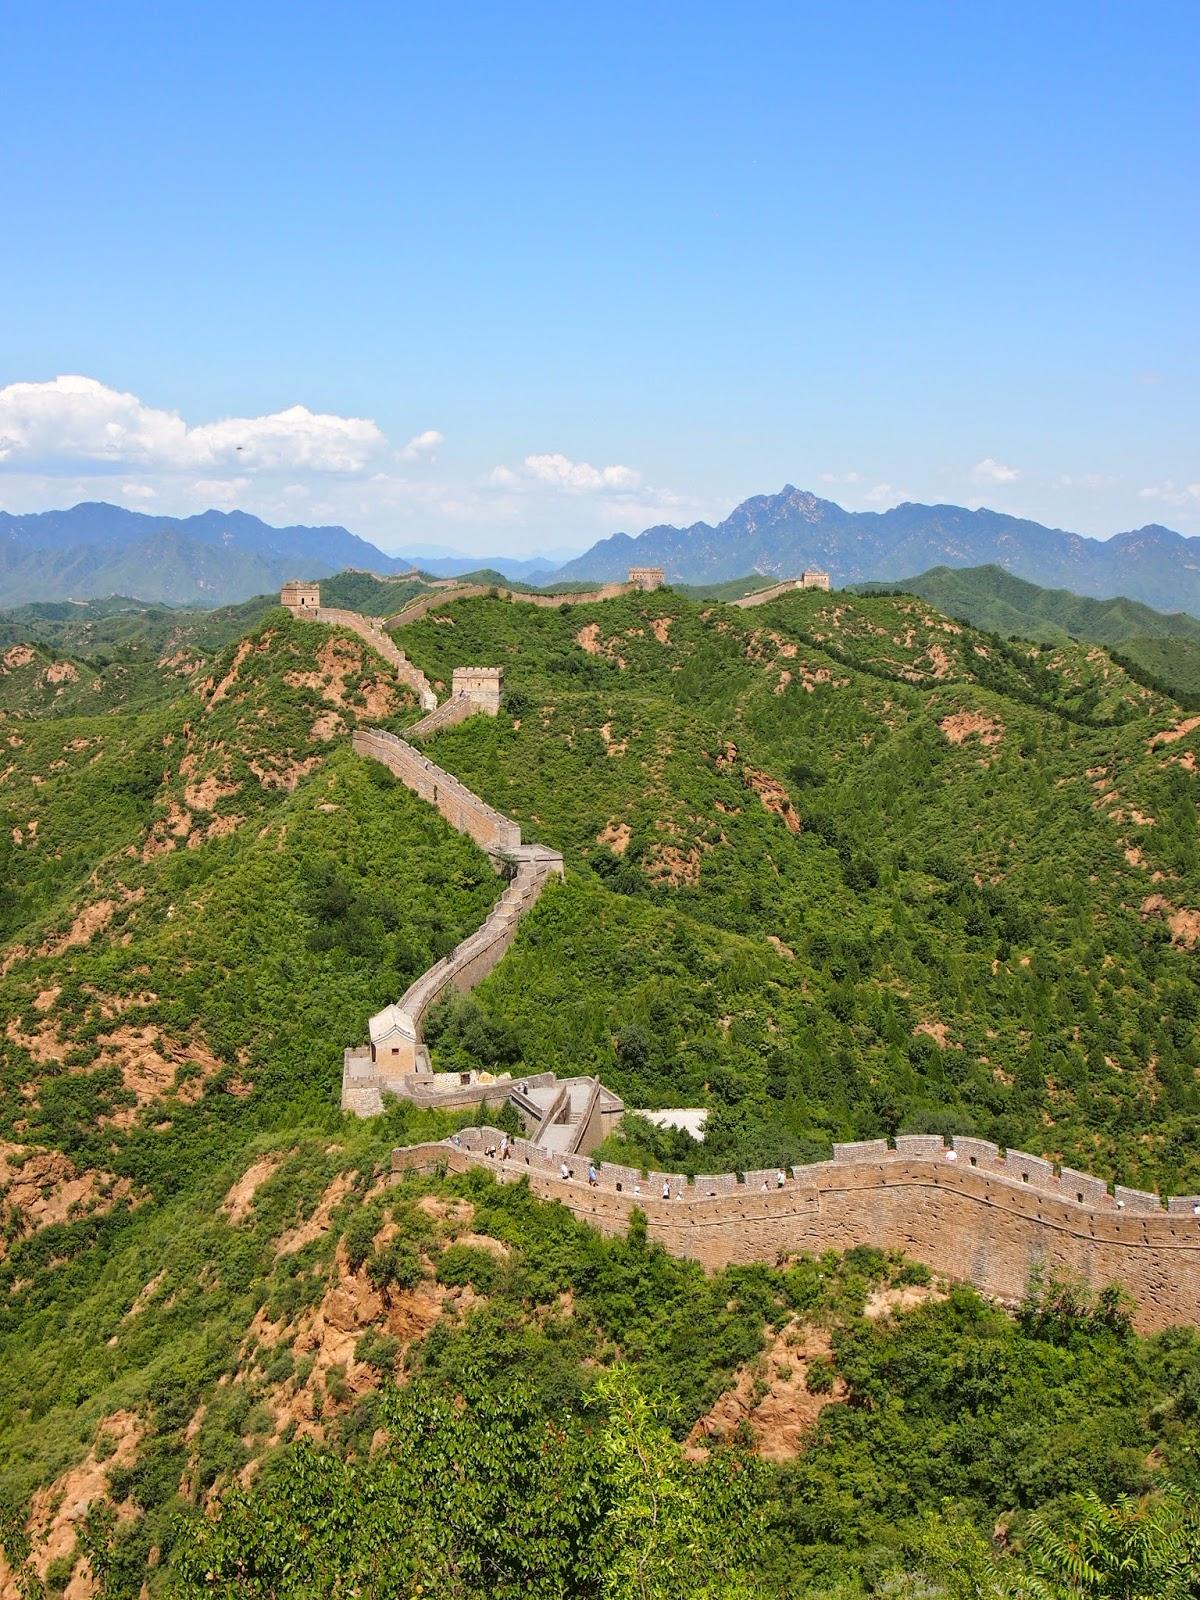 The Jinshaling Great Wall of China